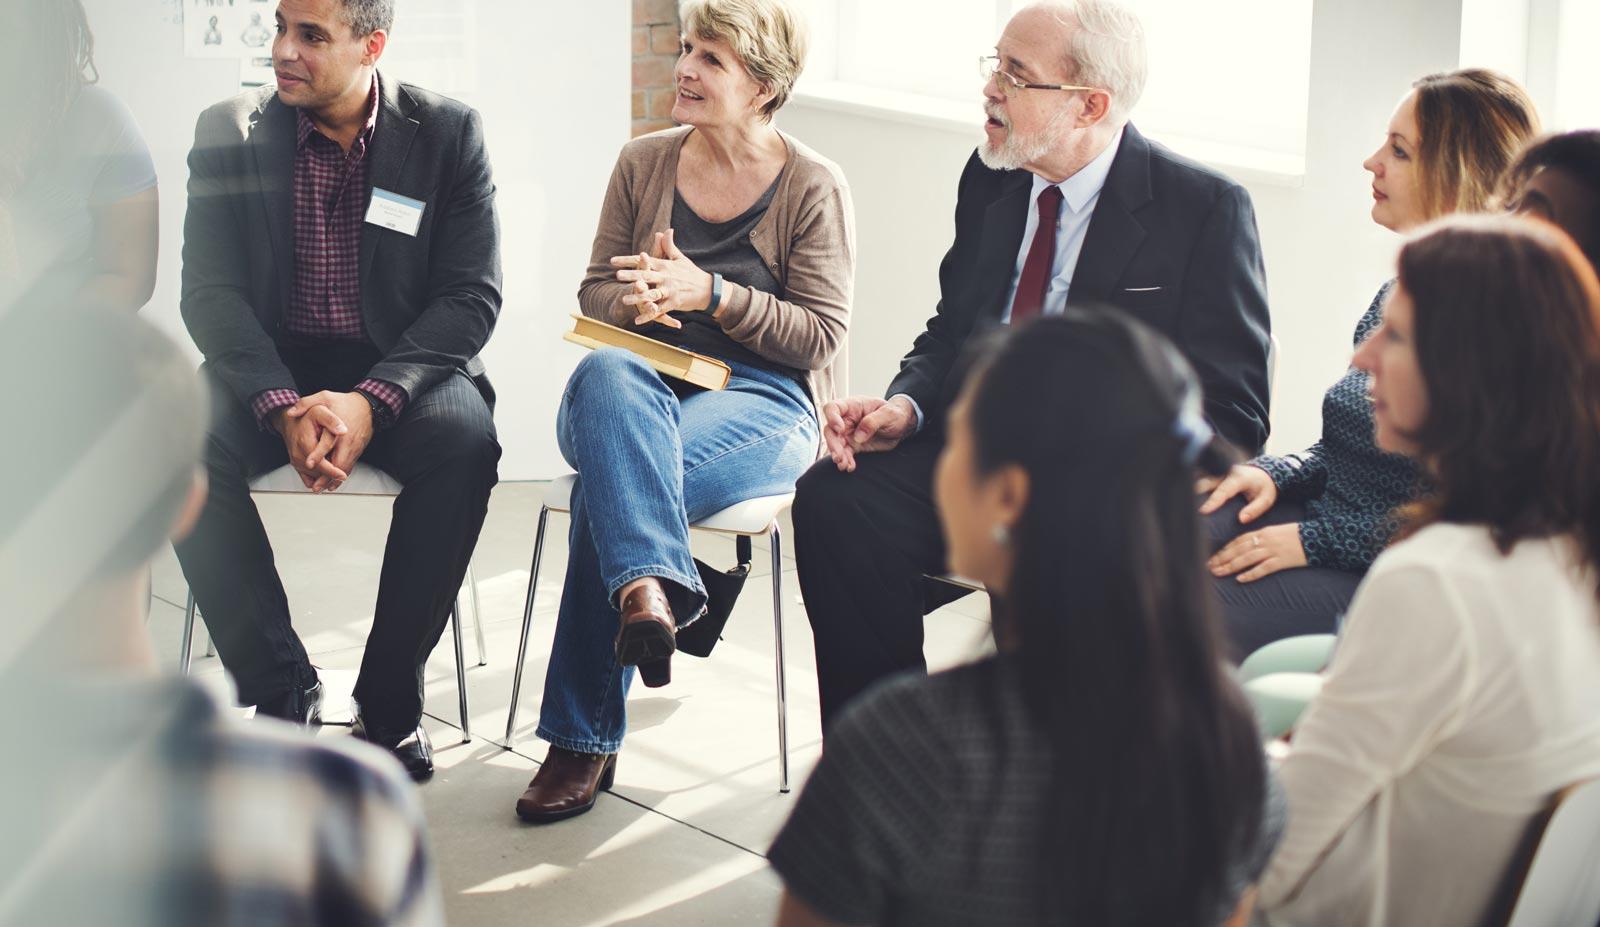 Im Kreis sitzende Teilnehmer eines Workshops